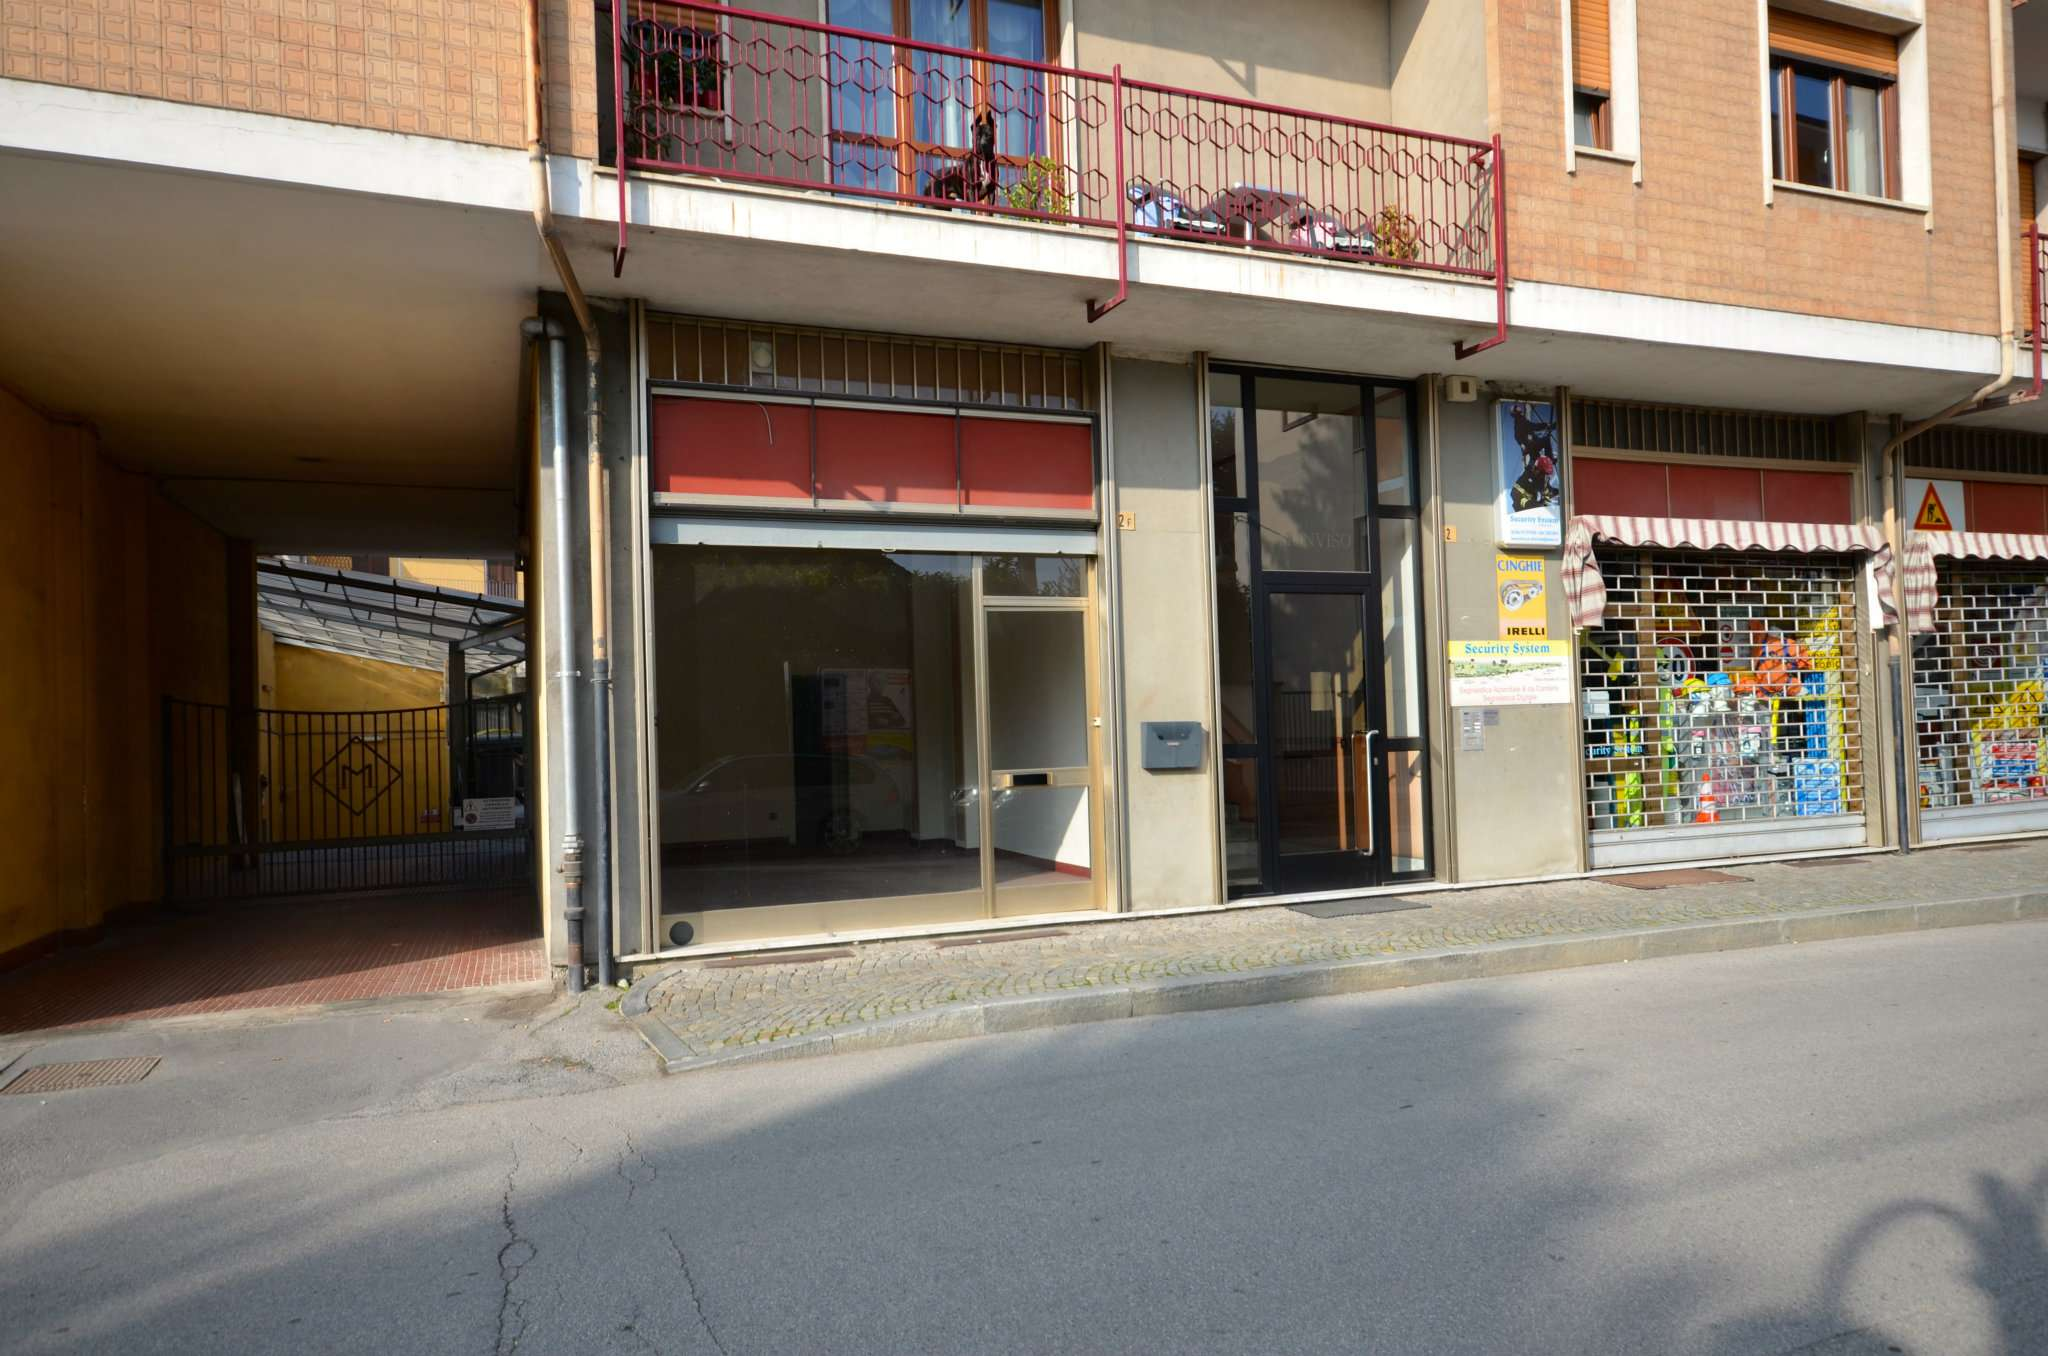 Negozio / Locale in affitto a Centallo, 1 locali, prezzo € 300 | CambioCasa.it